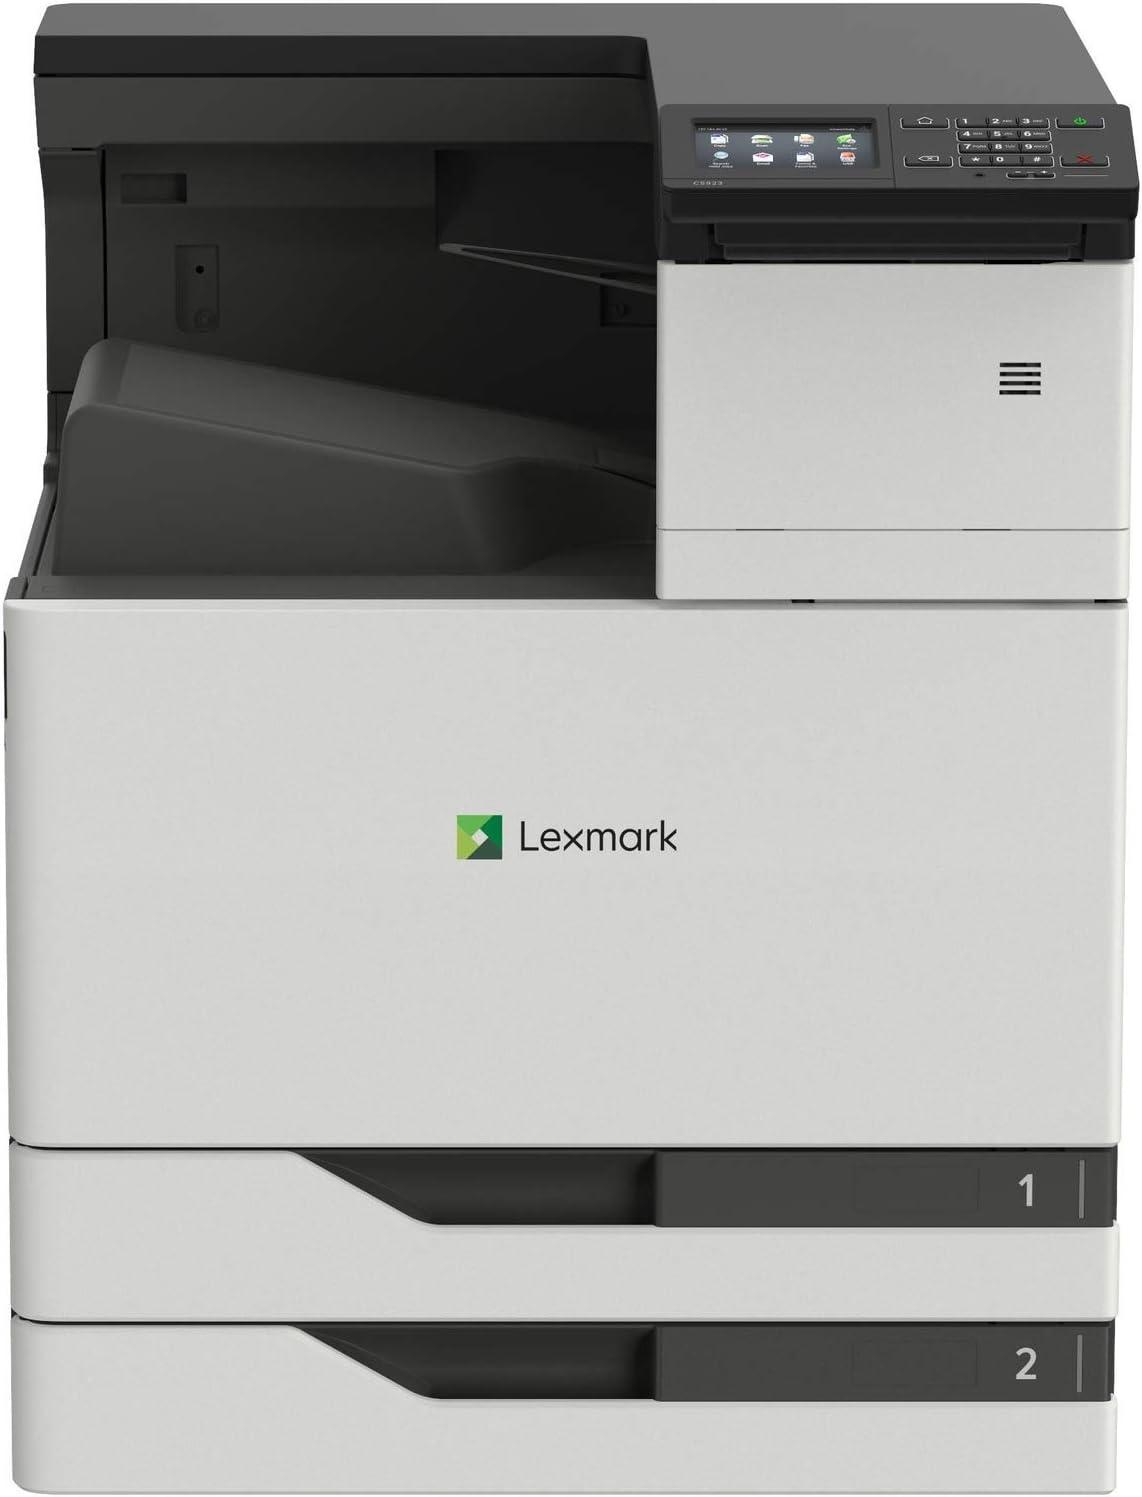 Lexmark CS921de Color Laser Printer - Desktop - 35 ppm, A3, Legal, Letter, Duplex - 32C0000